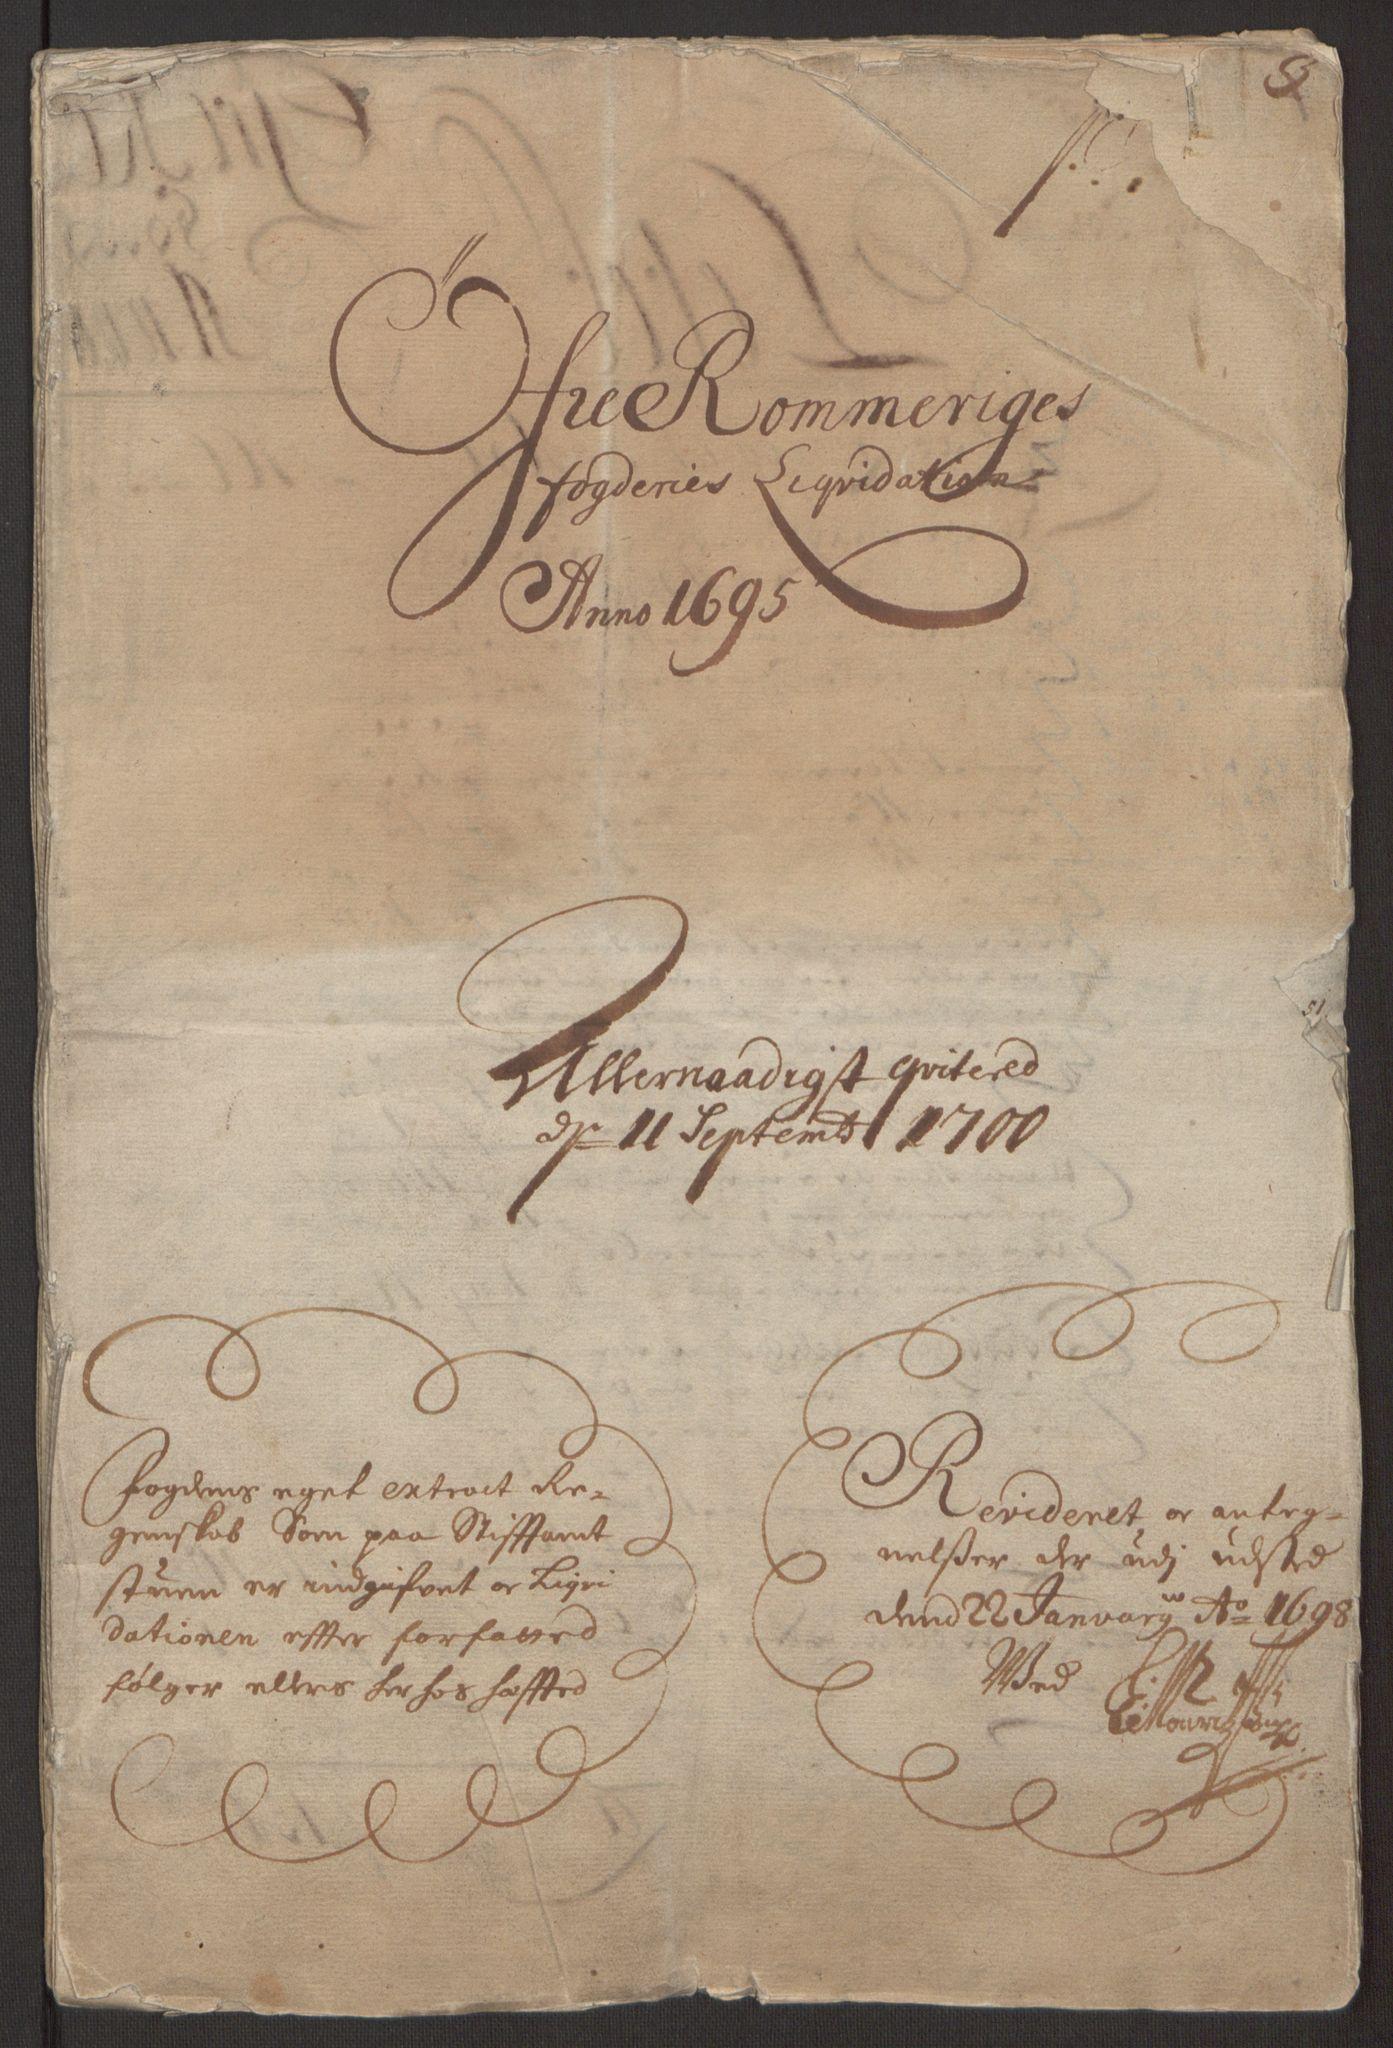 RA, Rentekammeret inntil 1814, Reviderte regnskaper, Fogderegnskap, R12/L0707: Fogderegnskap Øvre Romerike, 1695, s. 3